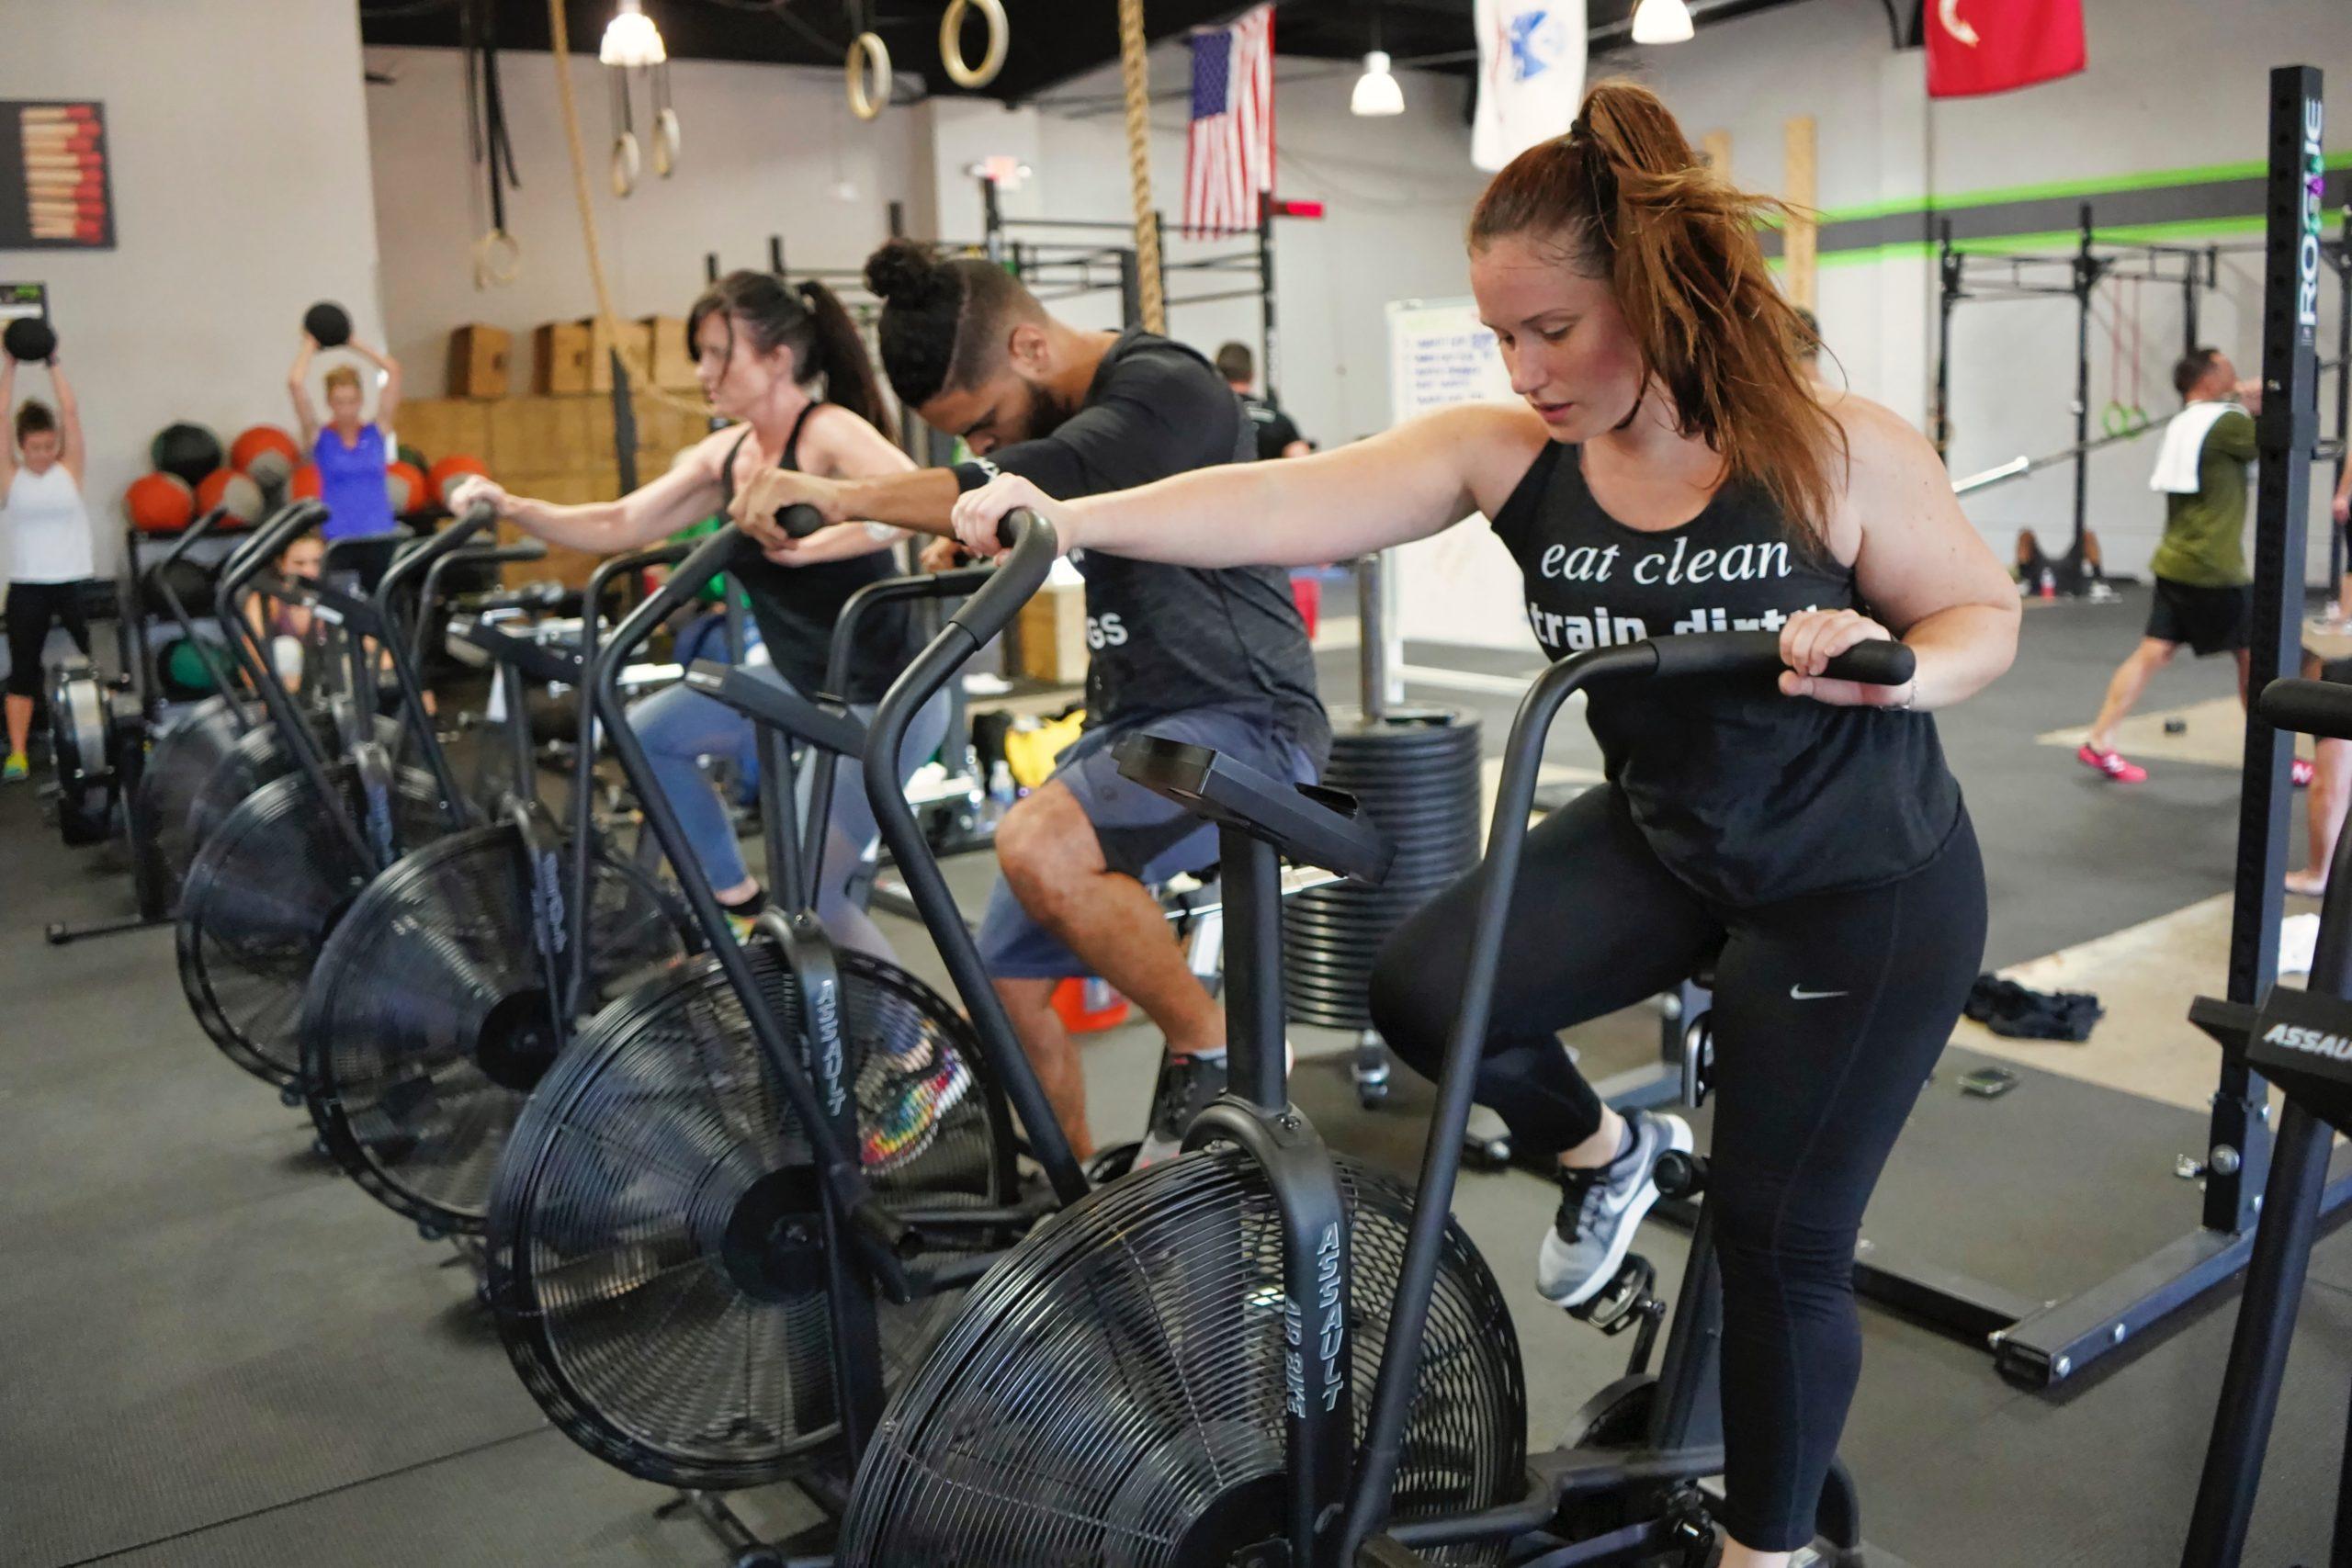 有酸素運動してると筋肉が減っちゃうよ?筋トレと食事制限だけしましょう